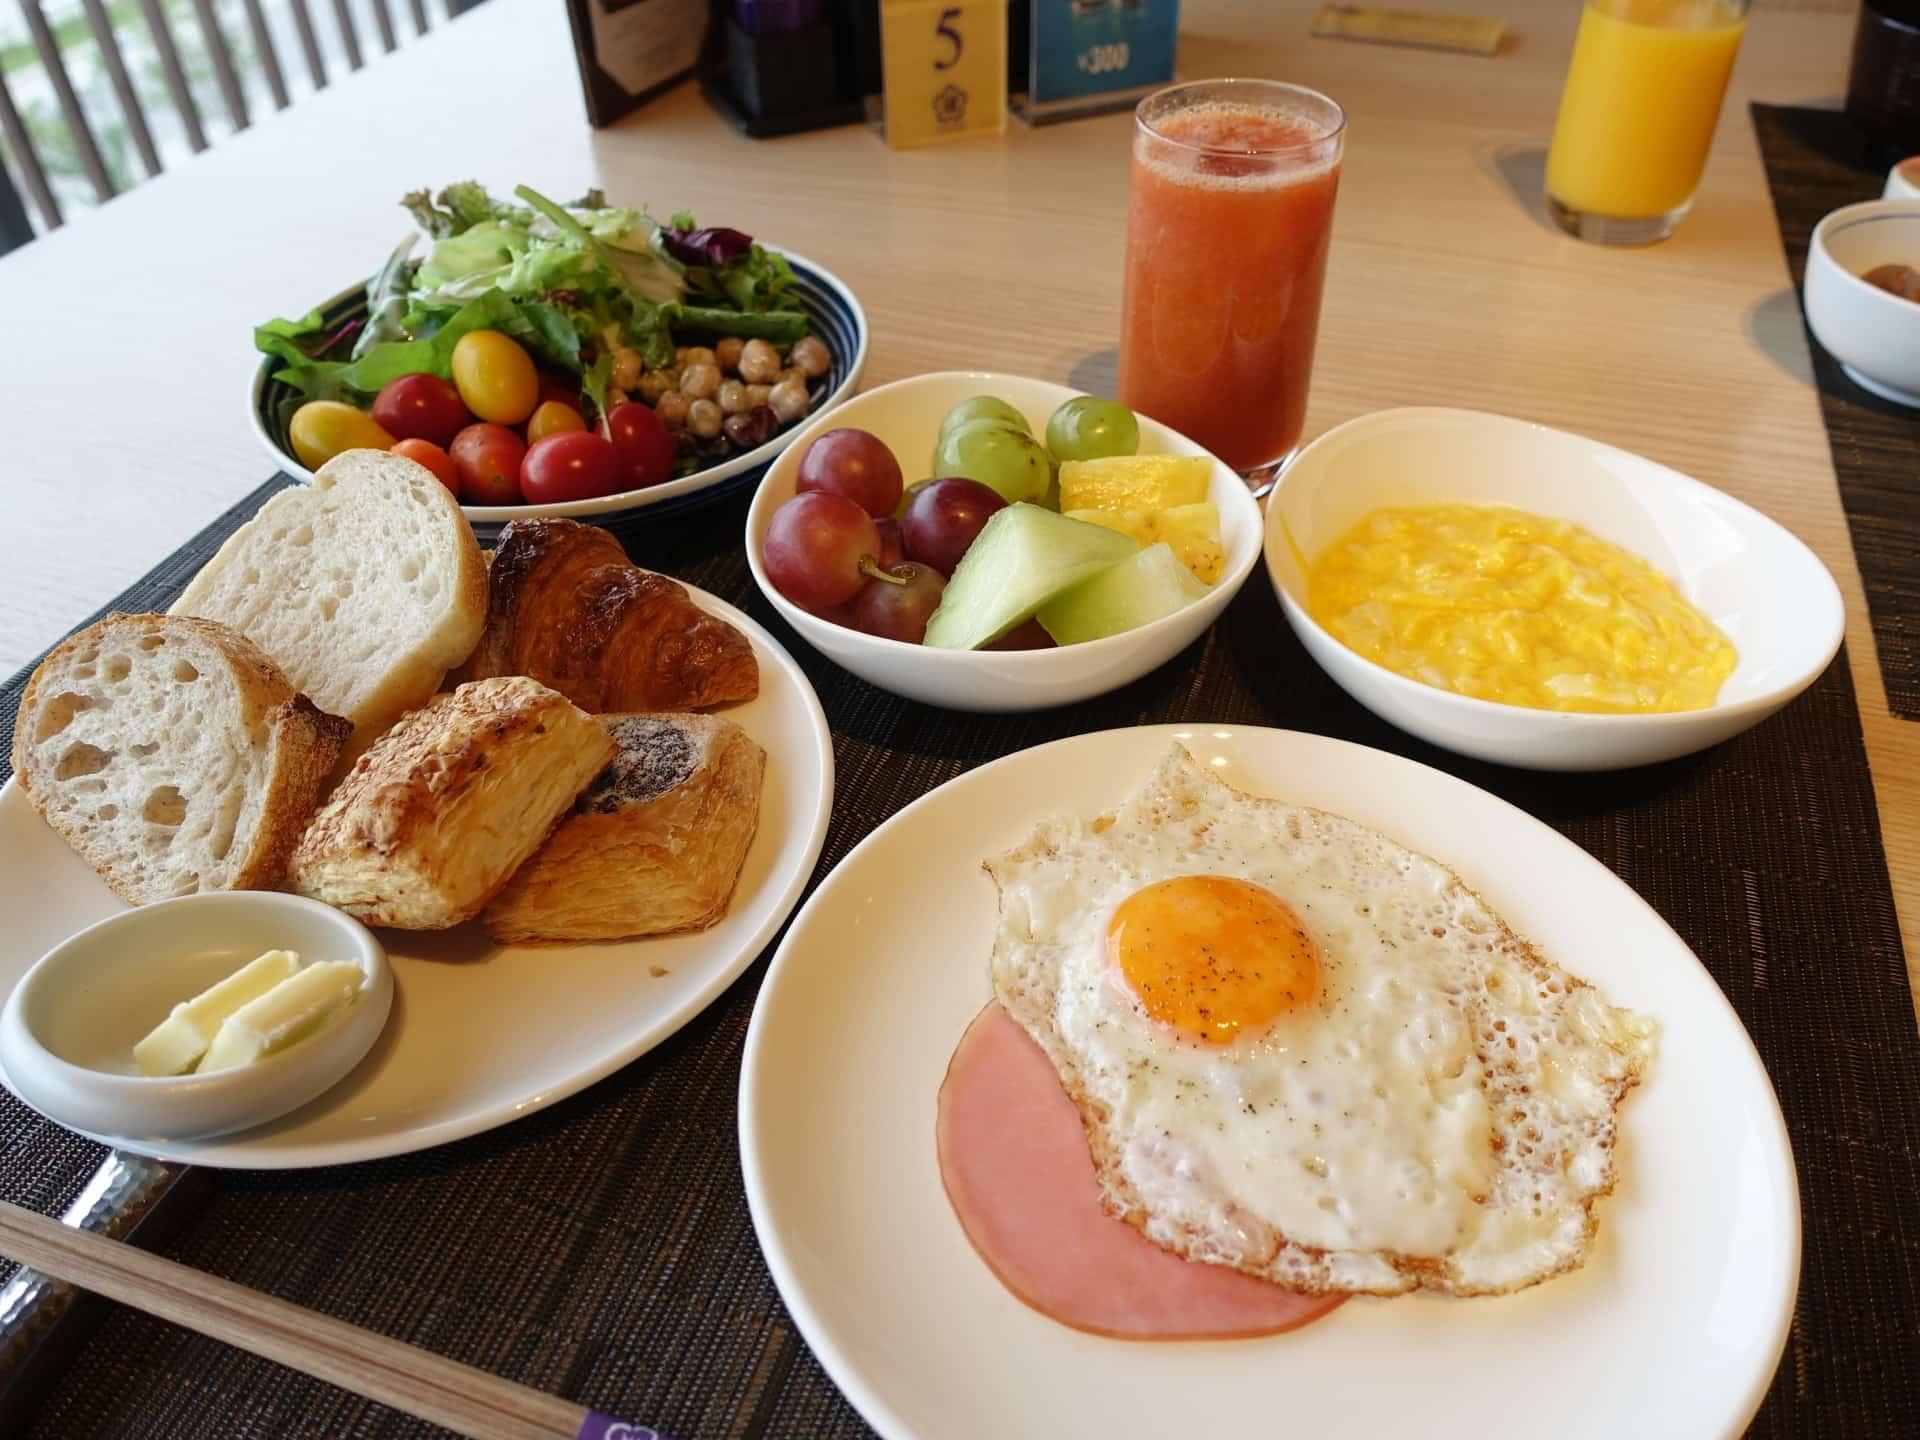 神戸みなと温泉 蓮「万蓮」の朝食ビュッフェが豪華…!「ル・パン神戸北野」のパンも食べ放題